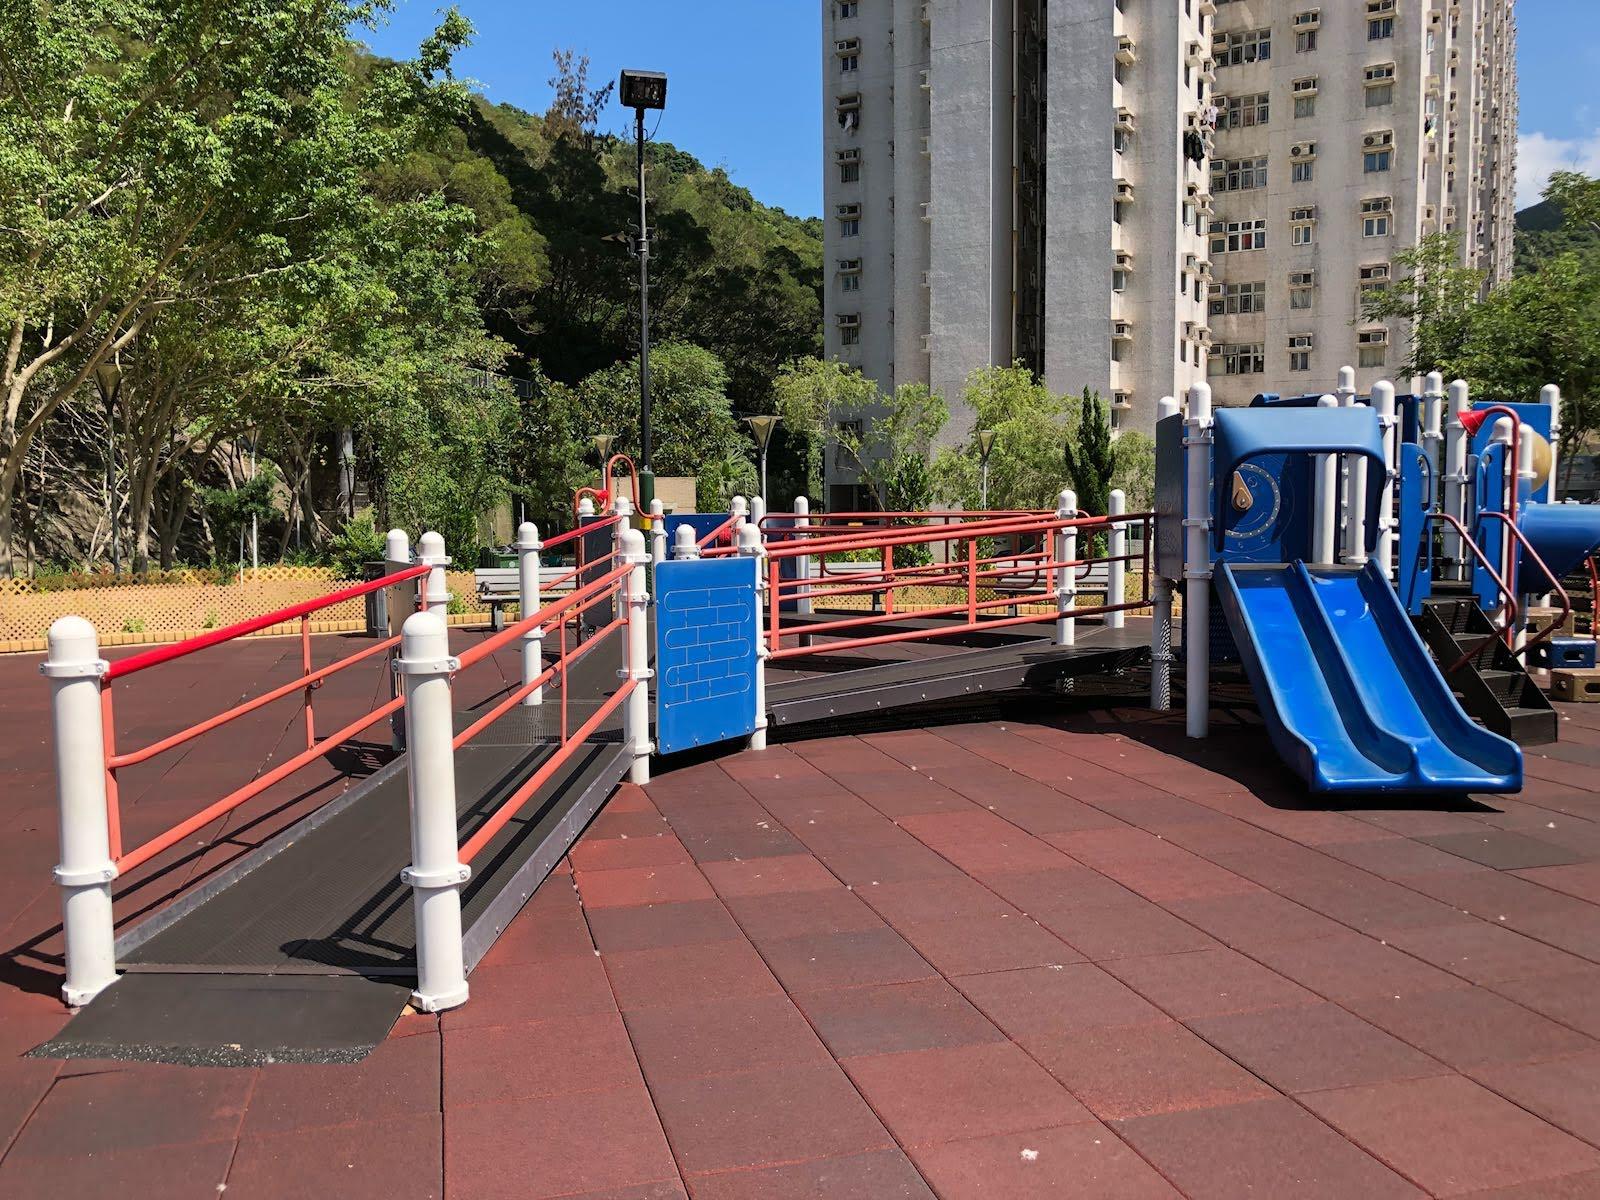 Siu Sai Wan Promenade's spacious playground area